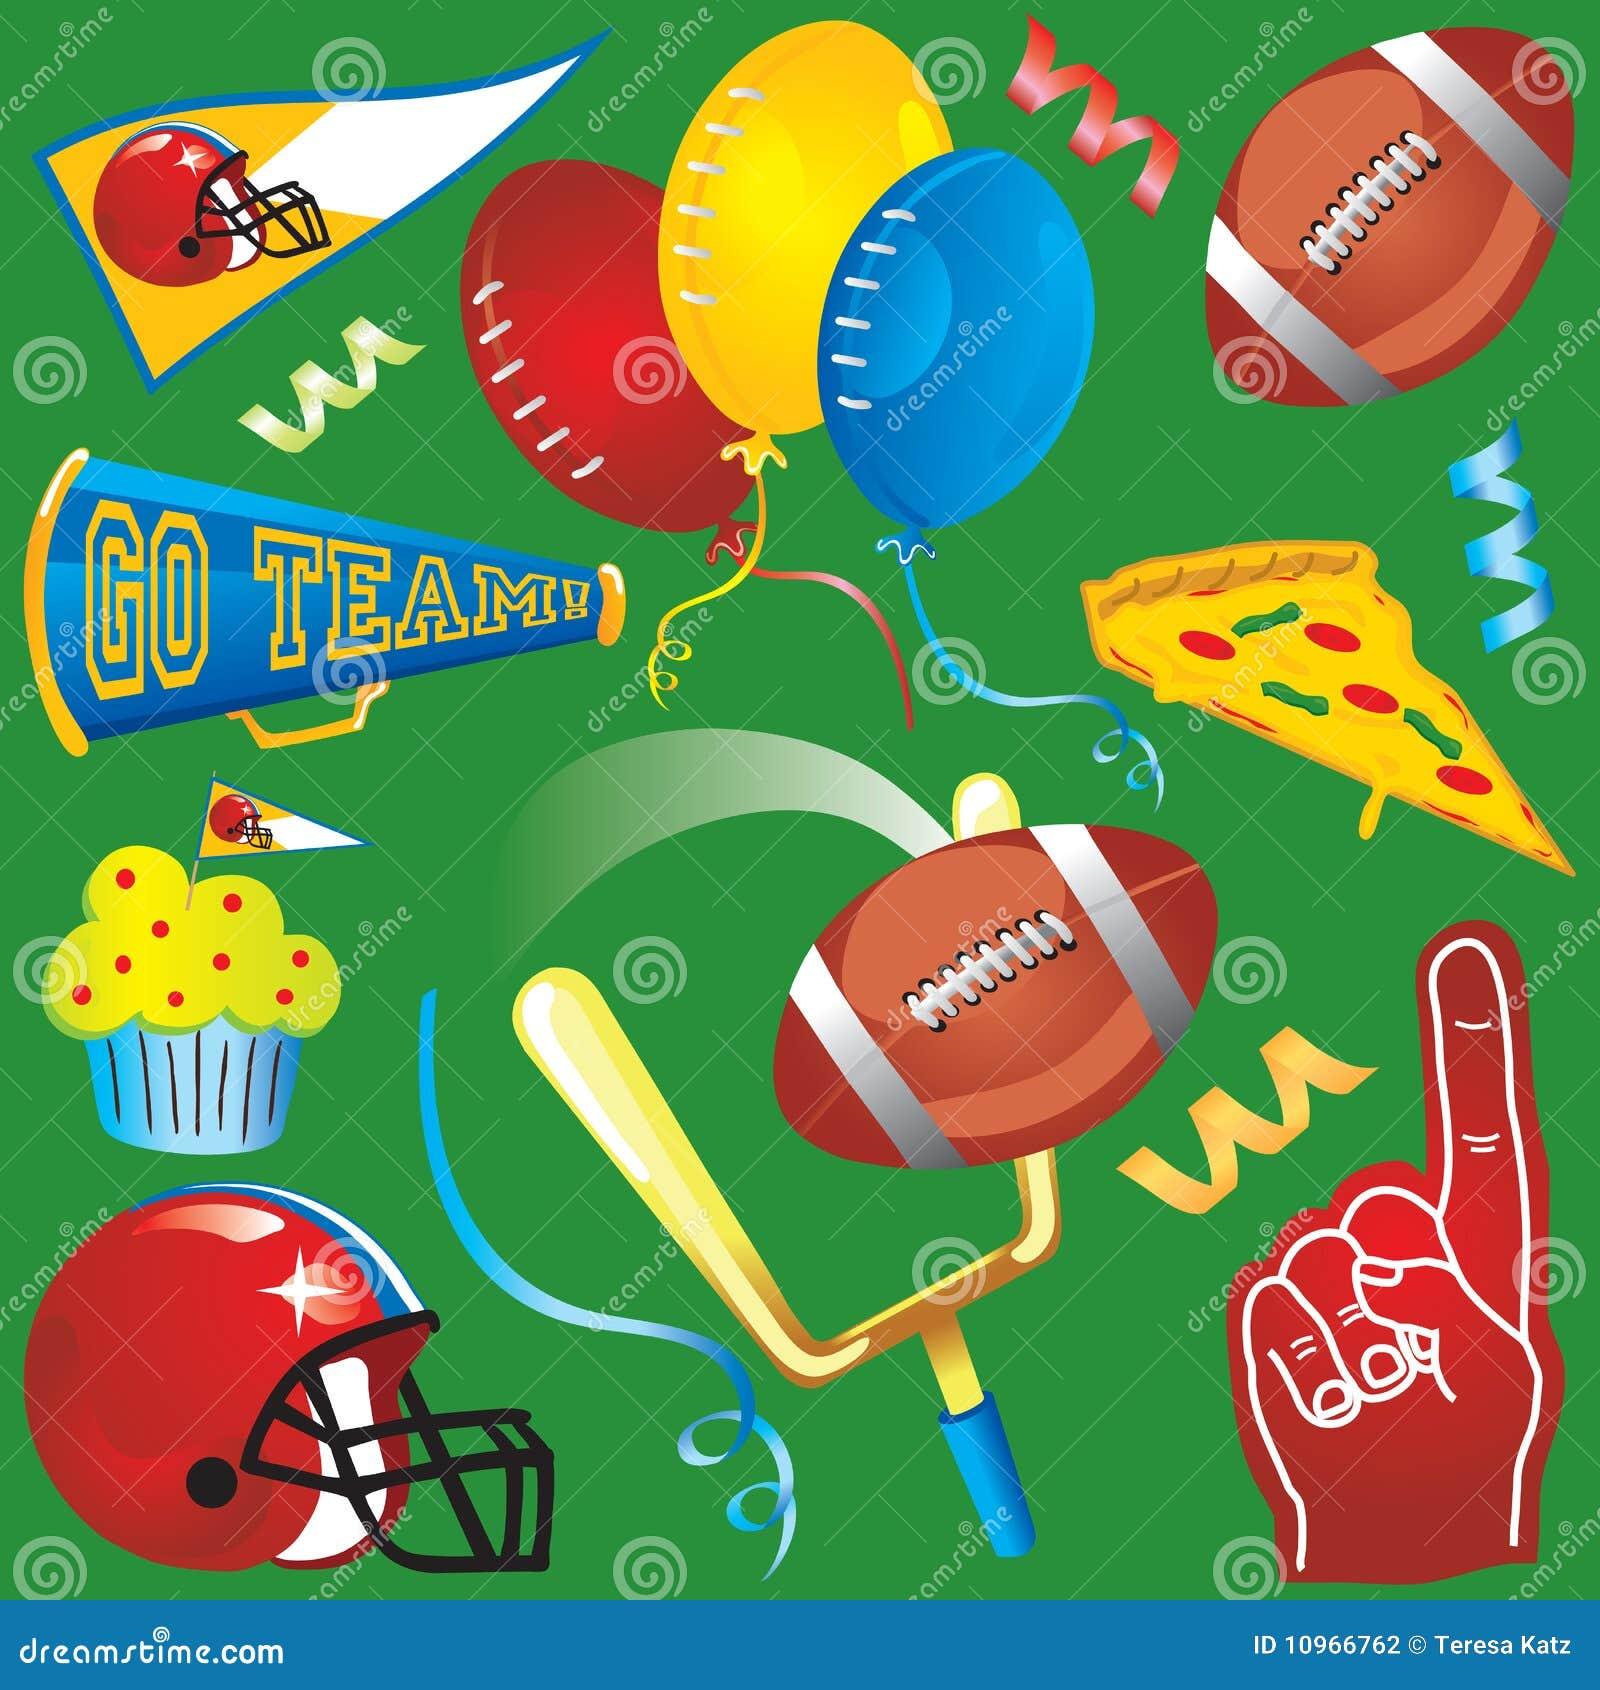 Super Bowl Invitation with adorable invitation ideas